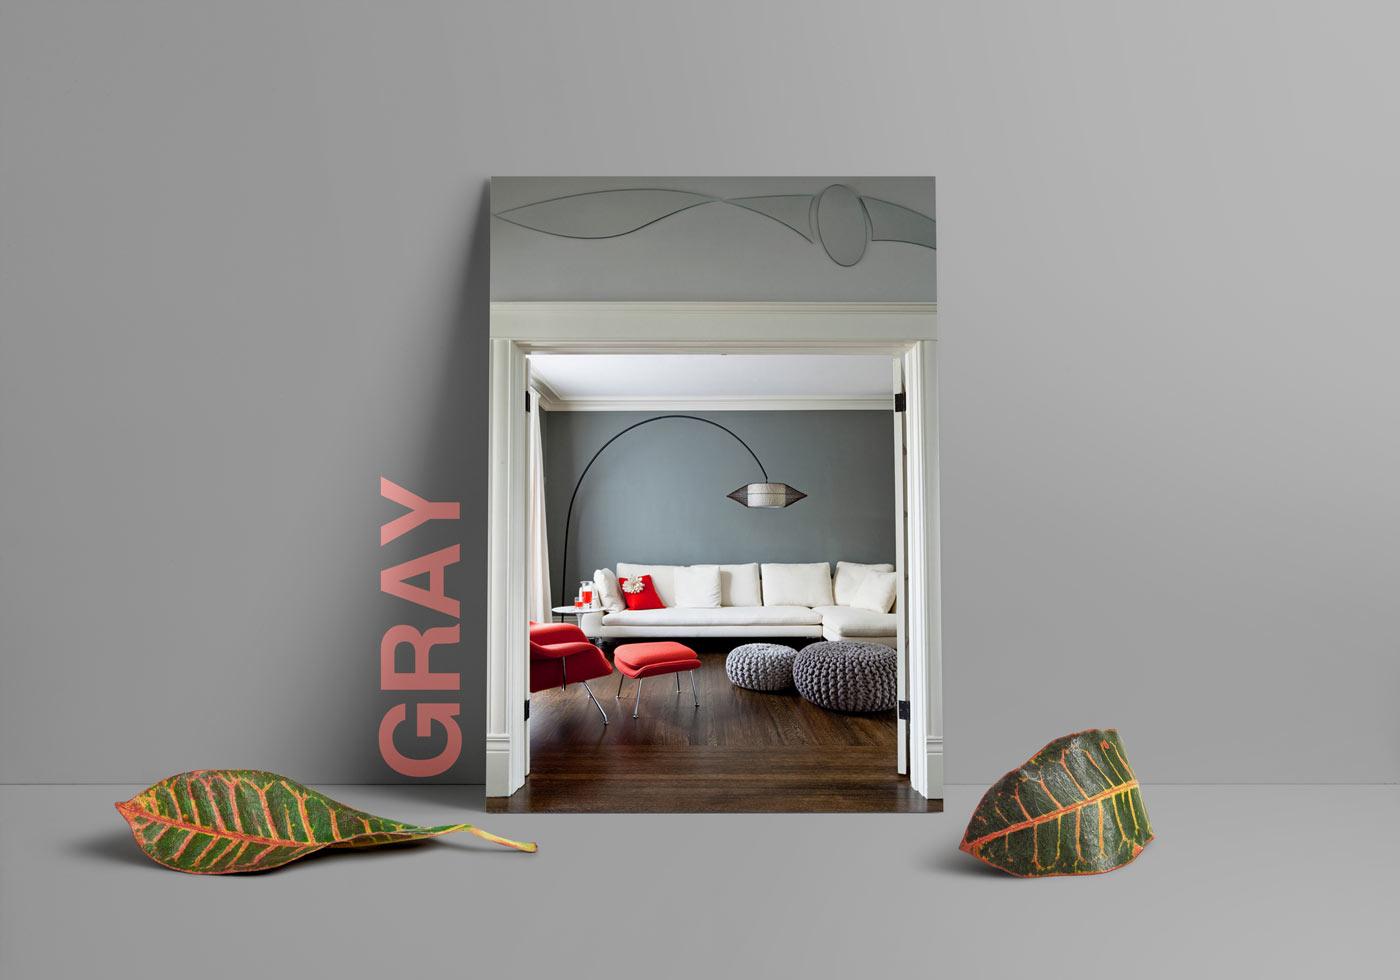 gray interior design 2 - طبع یا مزاج رنگ ها در دکوراسیون داخلی